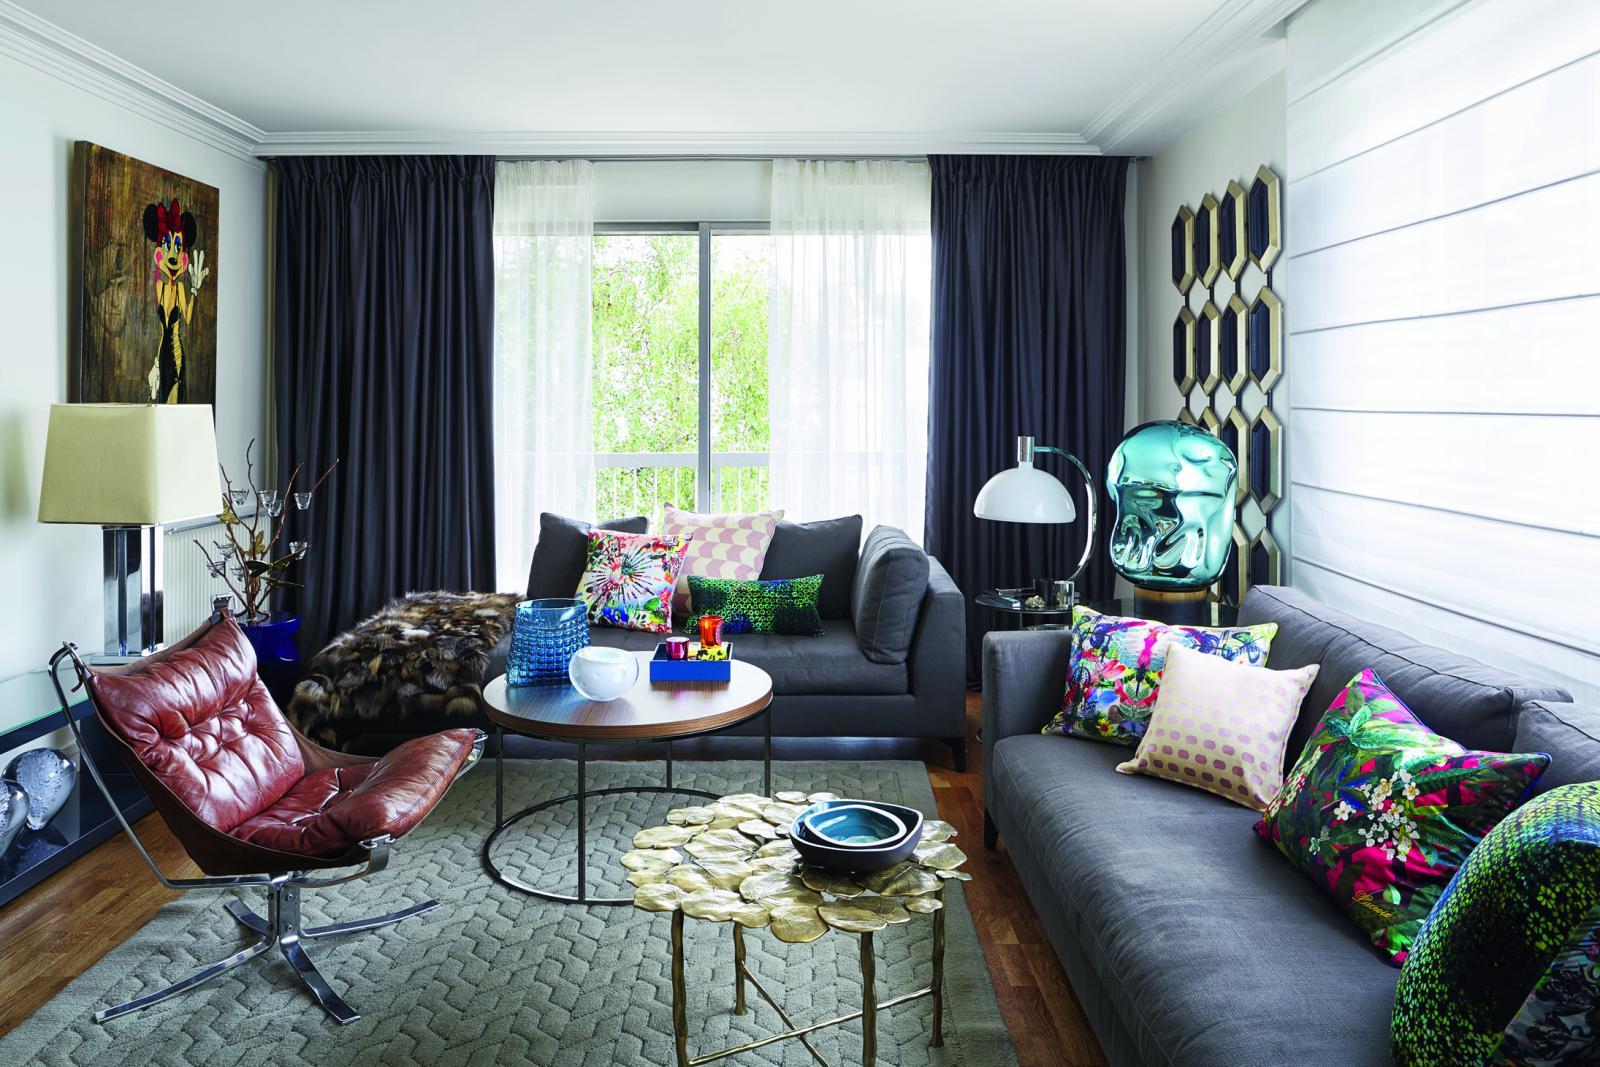 Александра Постер Беннейм об интерьерном дизайне и квартире в Лондоне